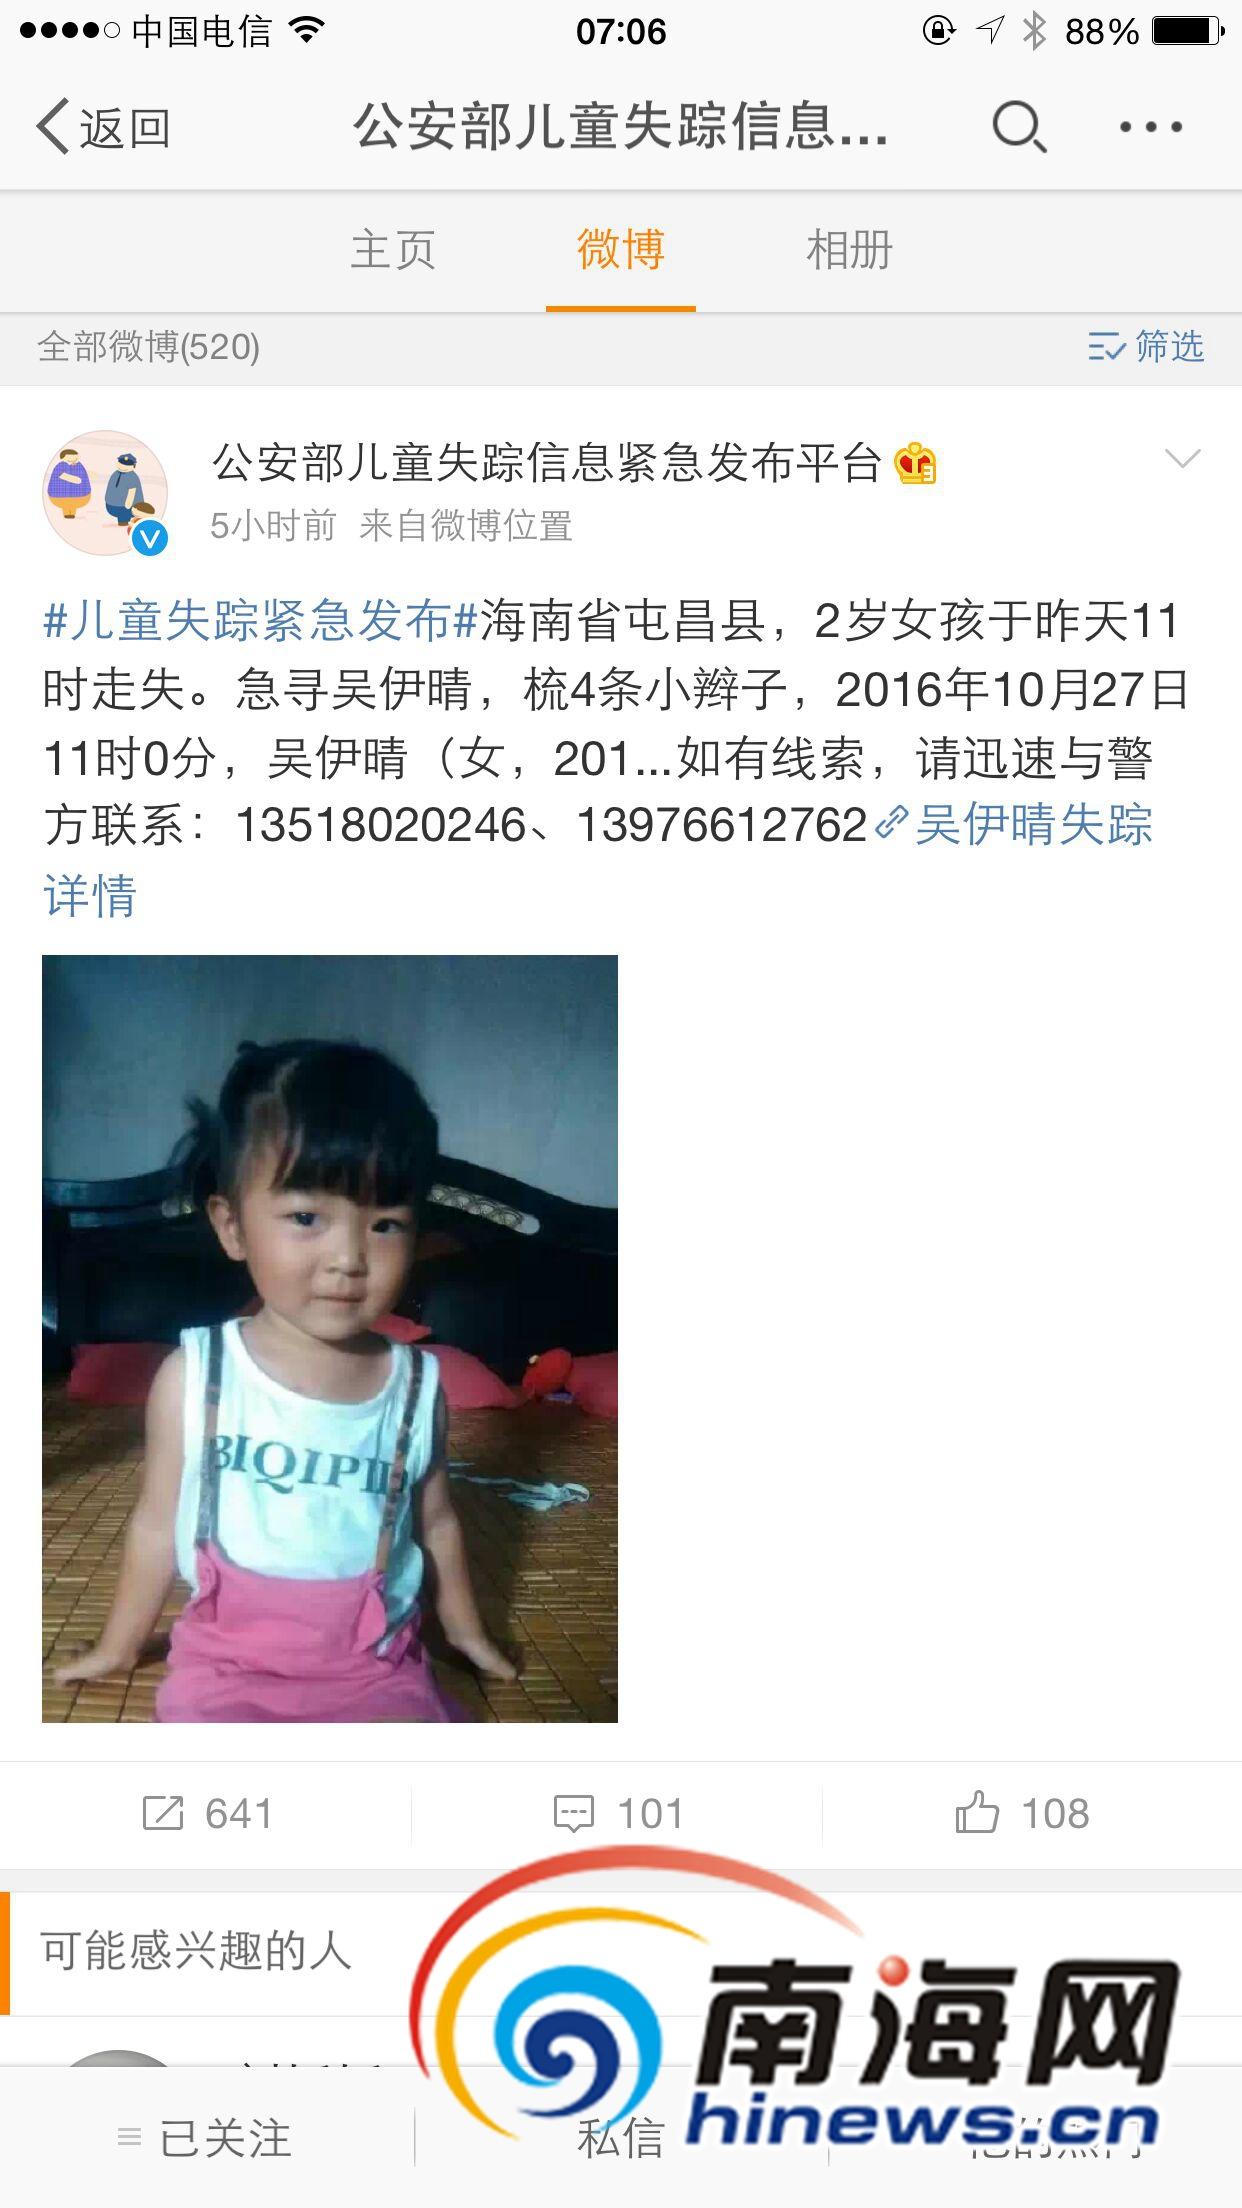 屯昌2岁女童走失至今仍无她的消息|寻人启事